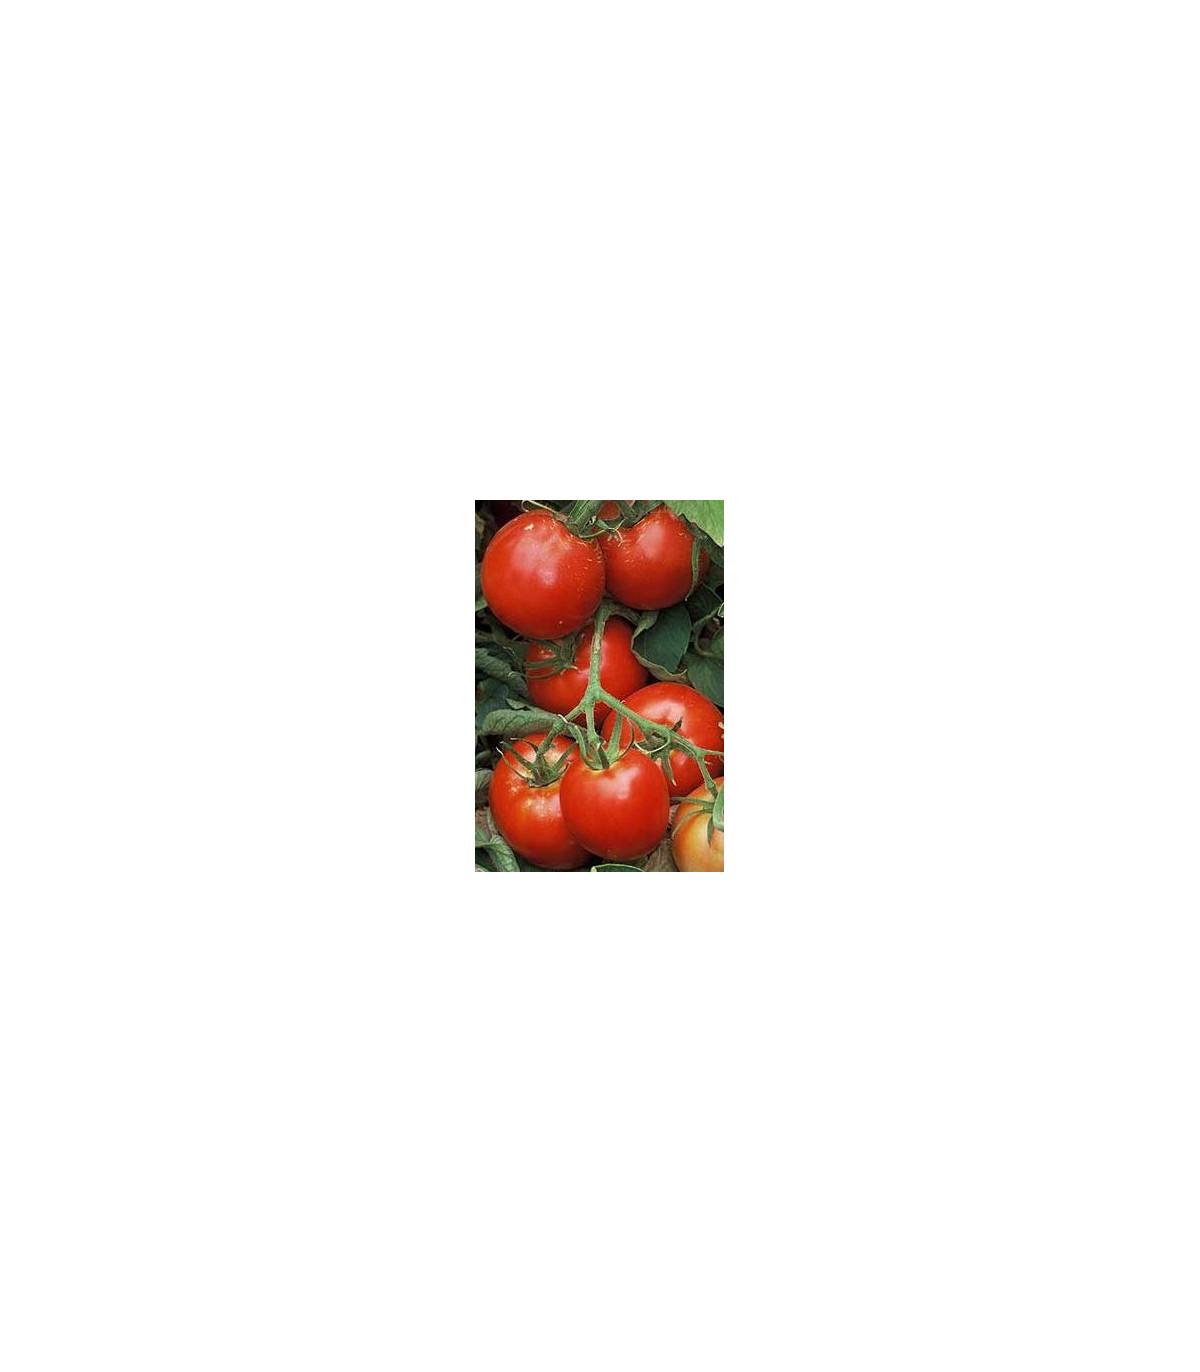 Paradajka Legenda - predaj semien rajčiakov - pôvodnej odrody paradajok - 6 ks